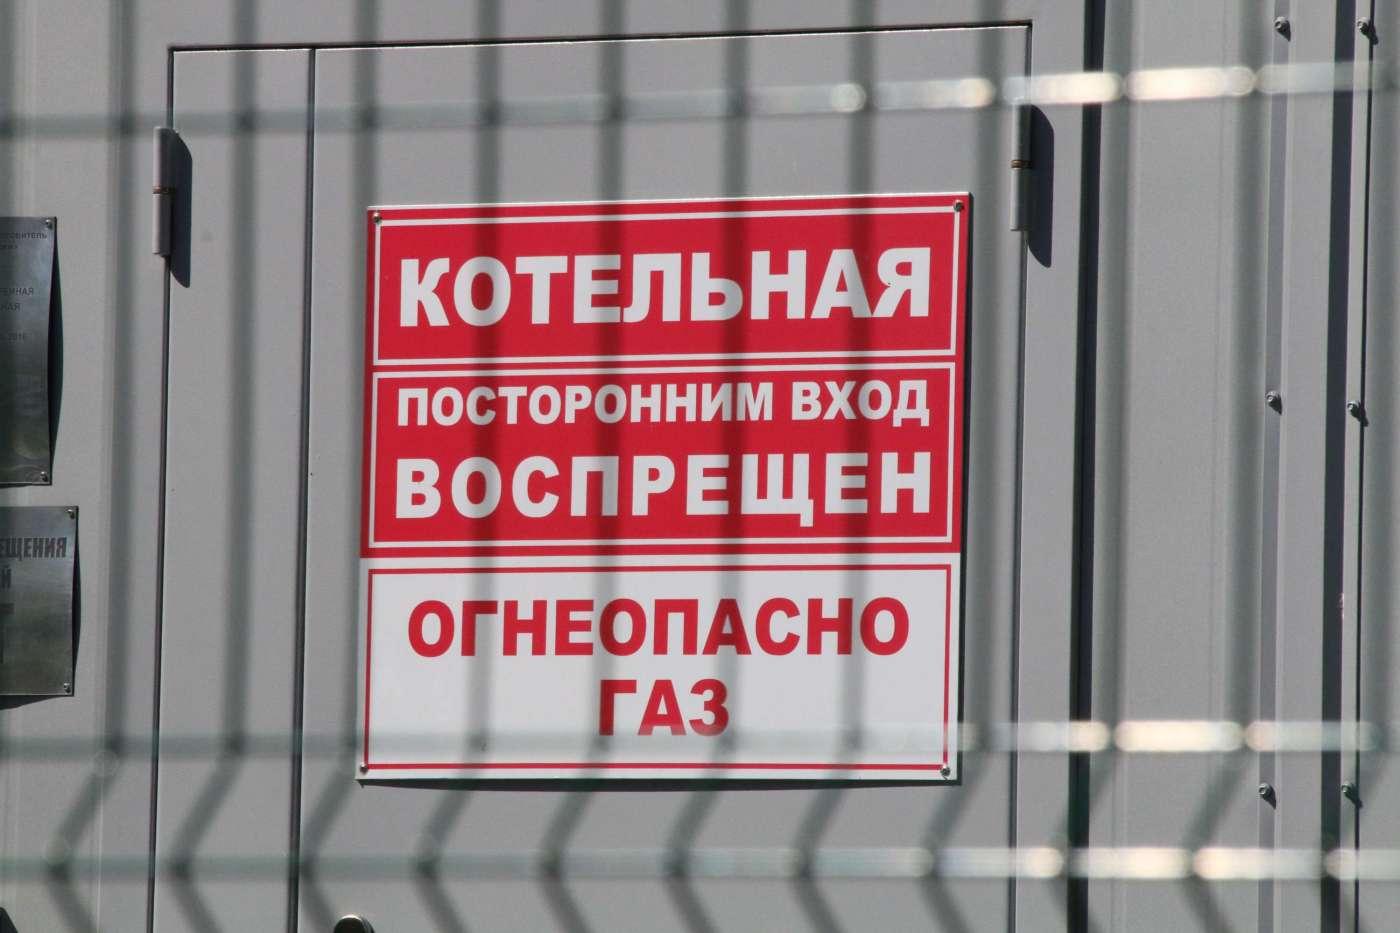 Жители севера Котовска замерзают при «работающих» котельных